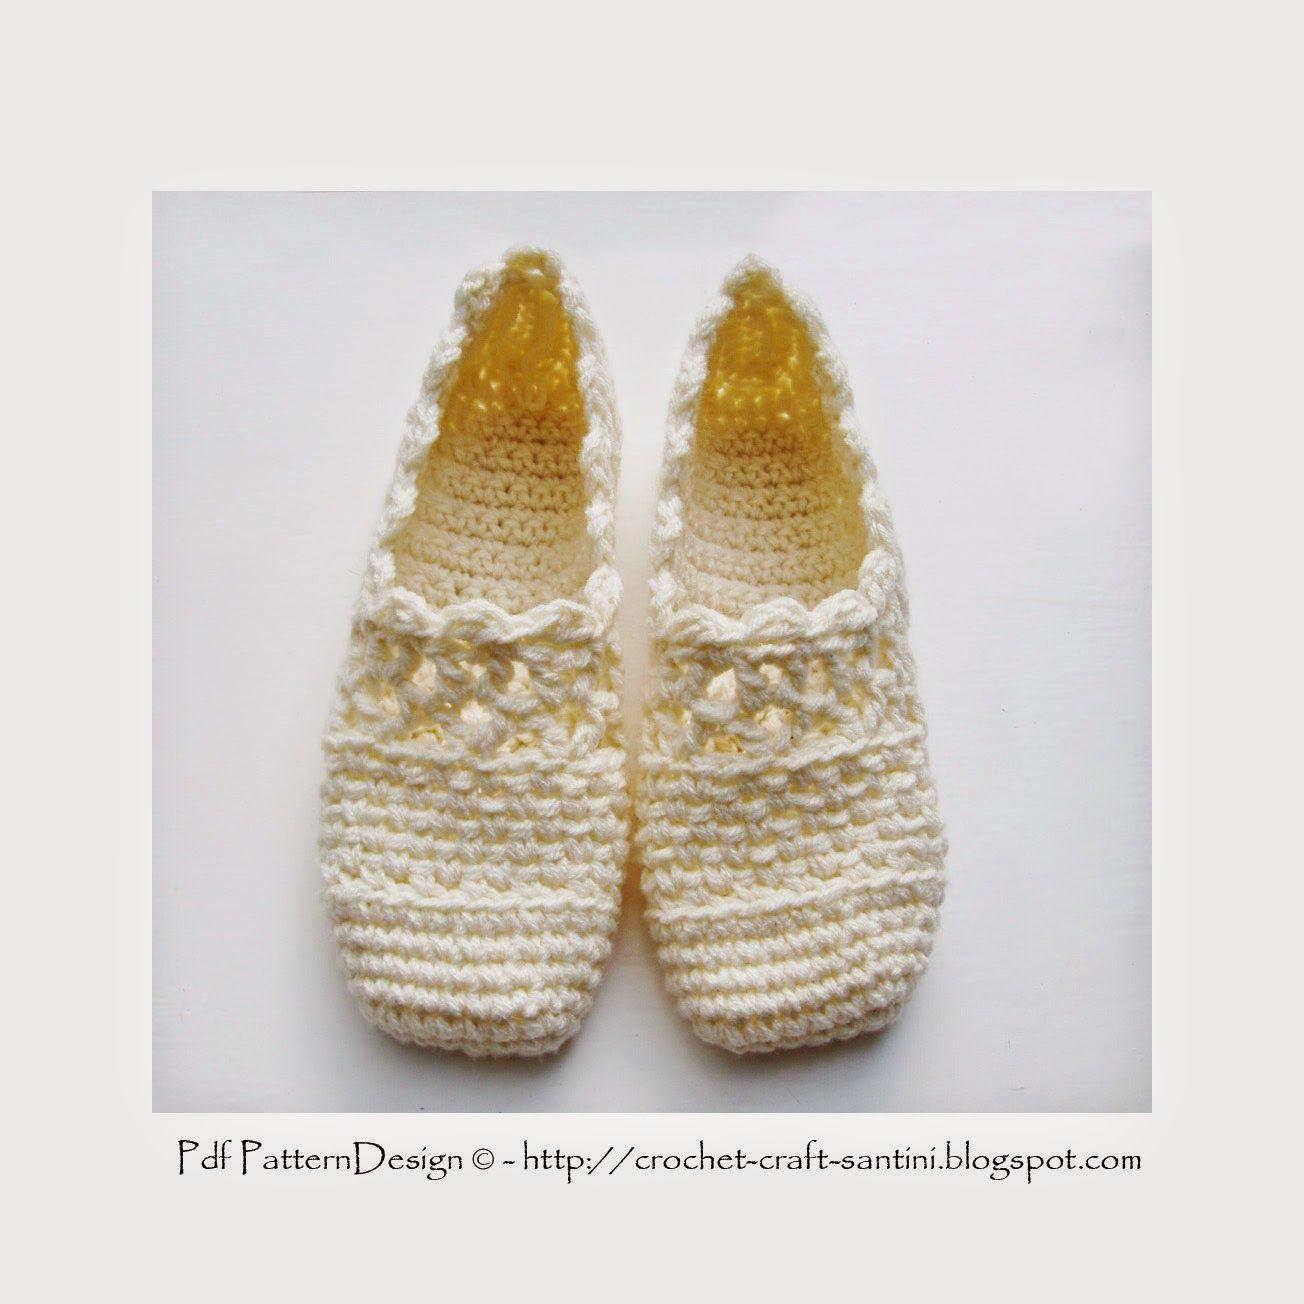 crochet and craft, crochet design, new crochet patterns, crochet ...